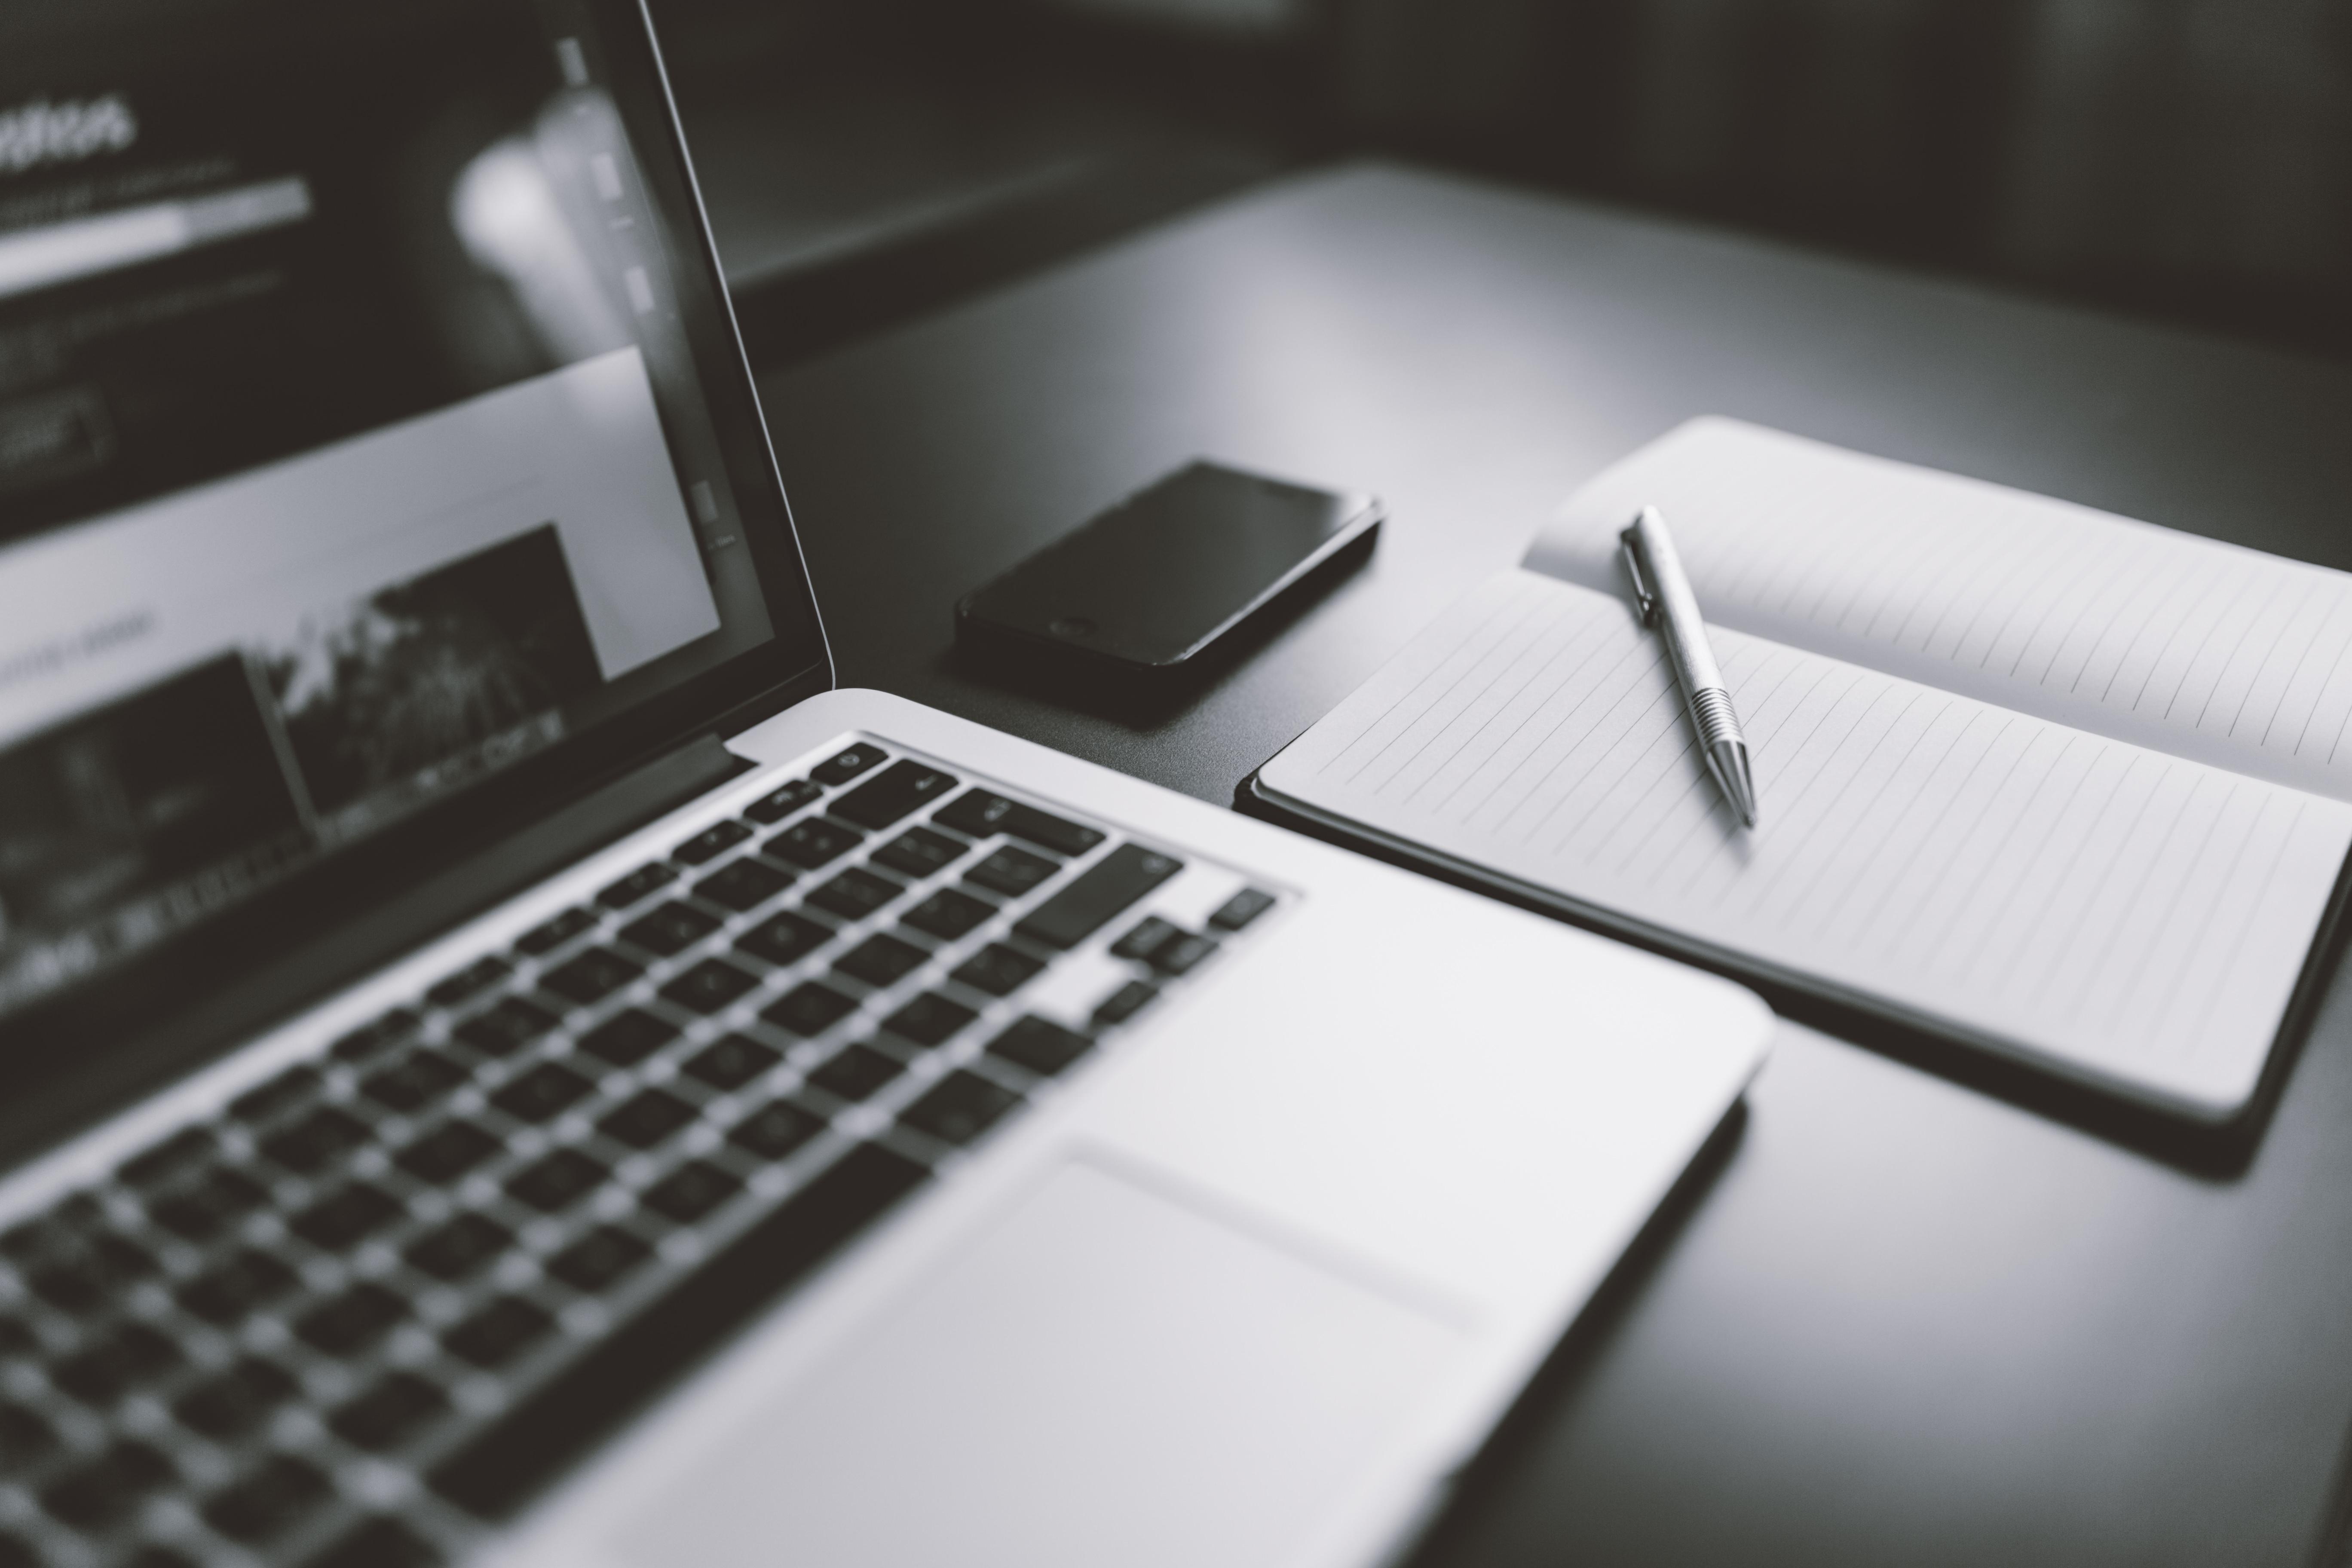 Bedrijfsprocessen vereenvoudigen? ProAutNorm helpt u, ook met een maatwerk applicatie!